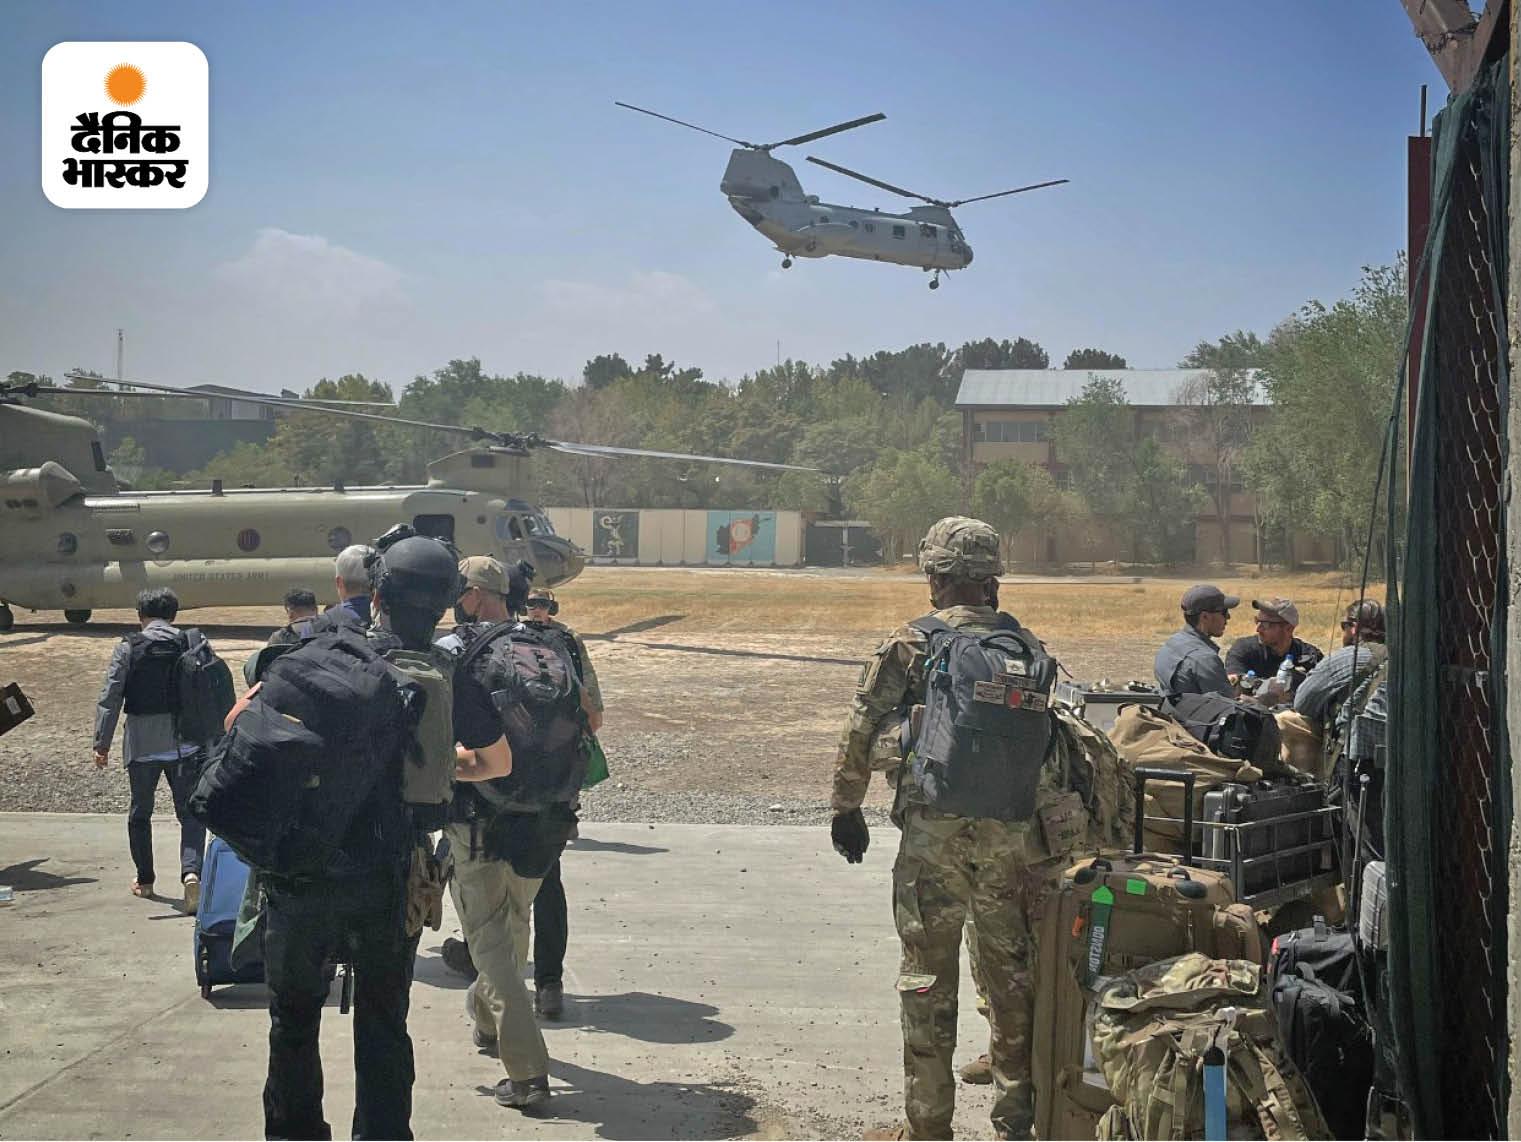 तालिबान के काबुल में दाखित होते ही अमेरिका ने अपने लोगों को वहां से निकालना शुरू कर दिया। फोटो में अटैक हेलिकॉप्टर से अमेरिकन सिटीजंस को ले जाते अमेरिकी सैनिक।